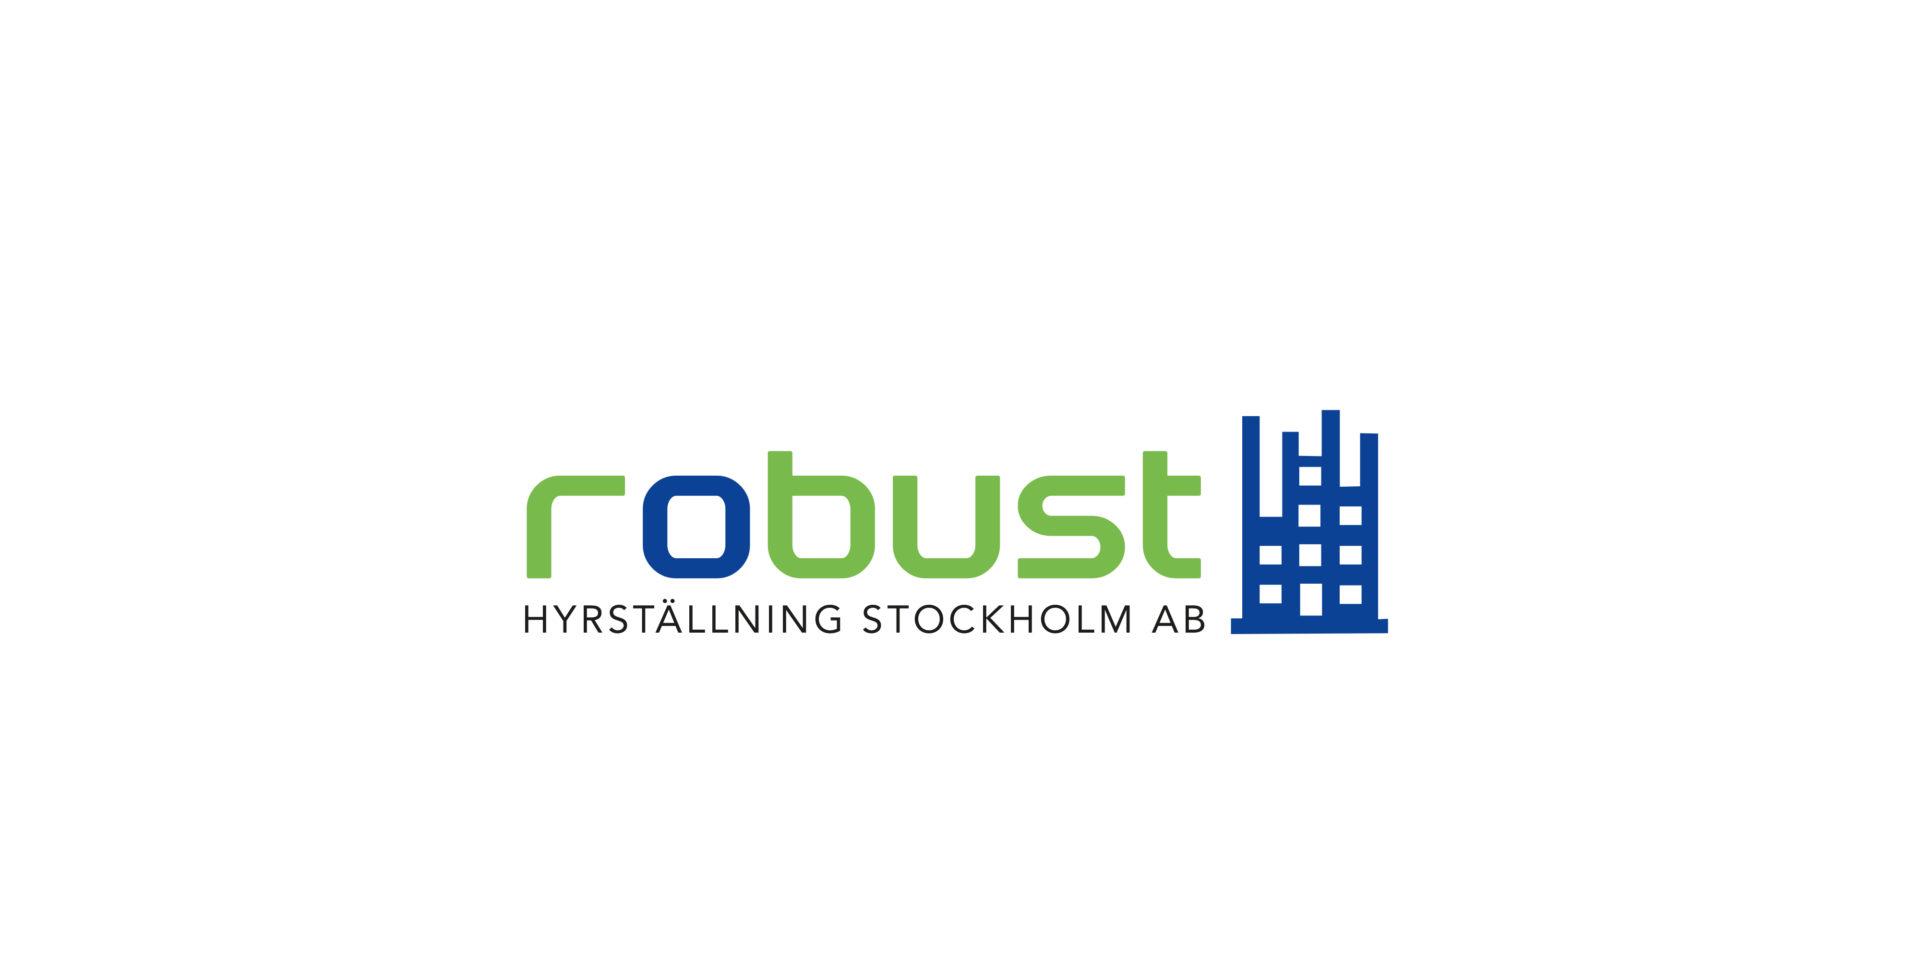 Robust Hyrställning Stockholm AB